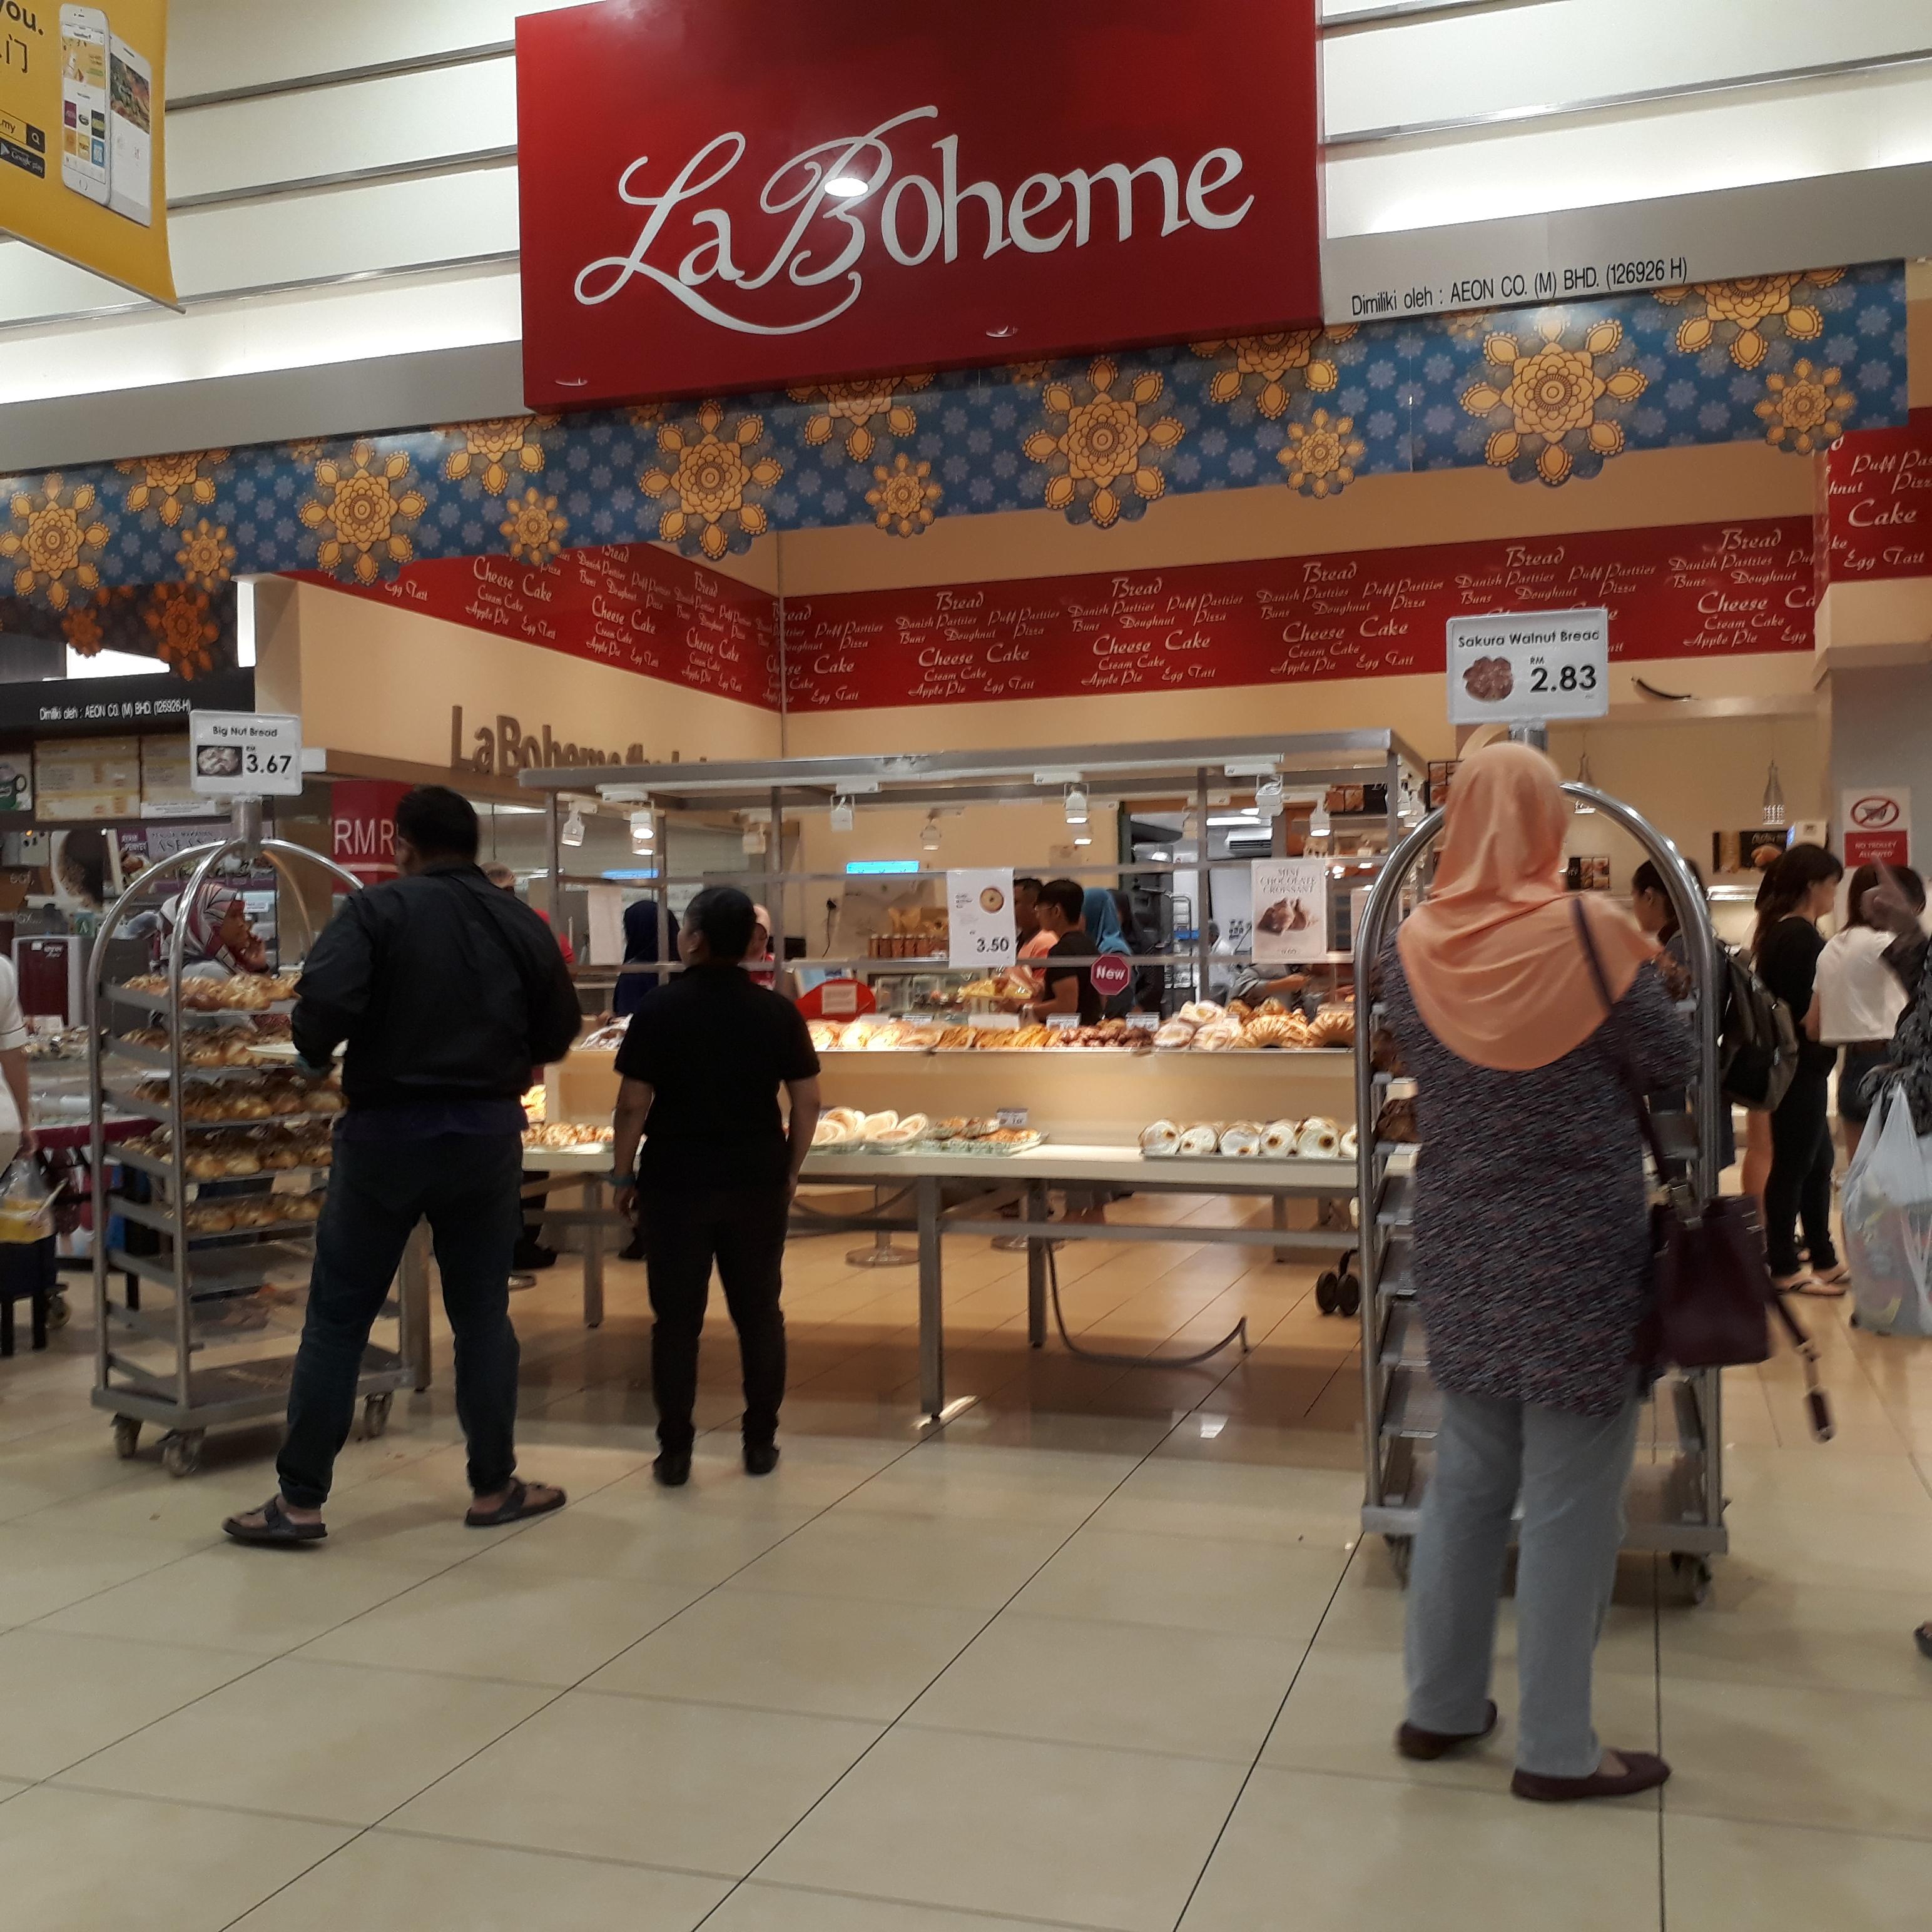 La Boheme Kedai Roti( Pastry), Pintu D, Aeon Bukit Indah : Homestay Dillenia dekat Legoland. Bandar Bukit Indah